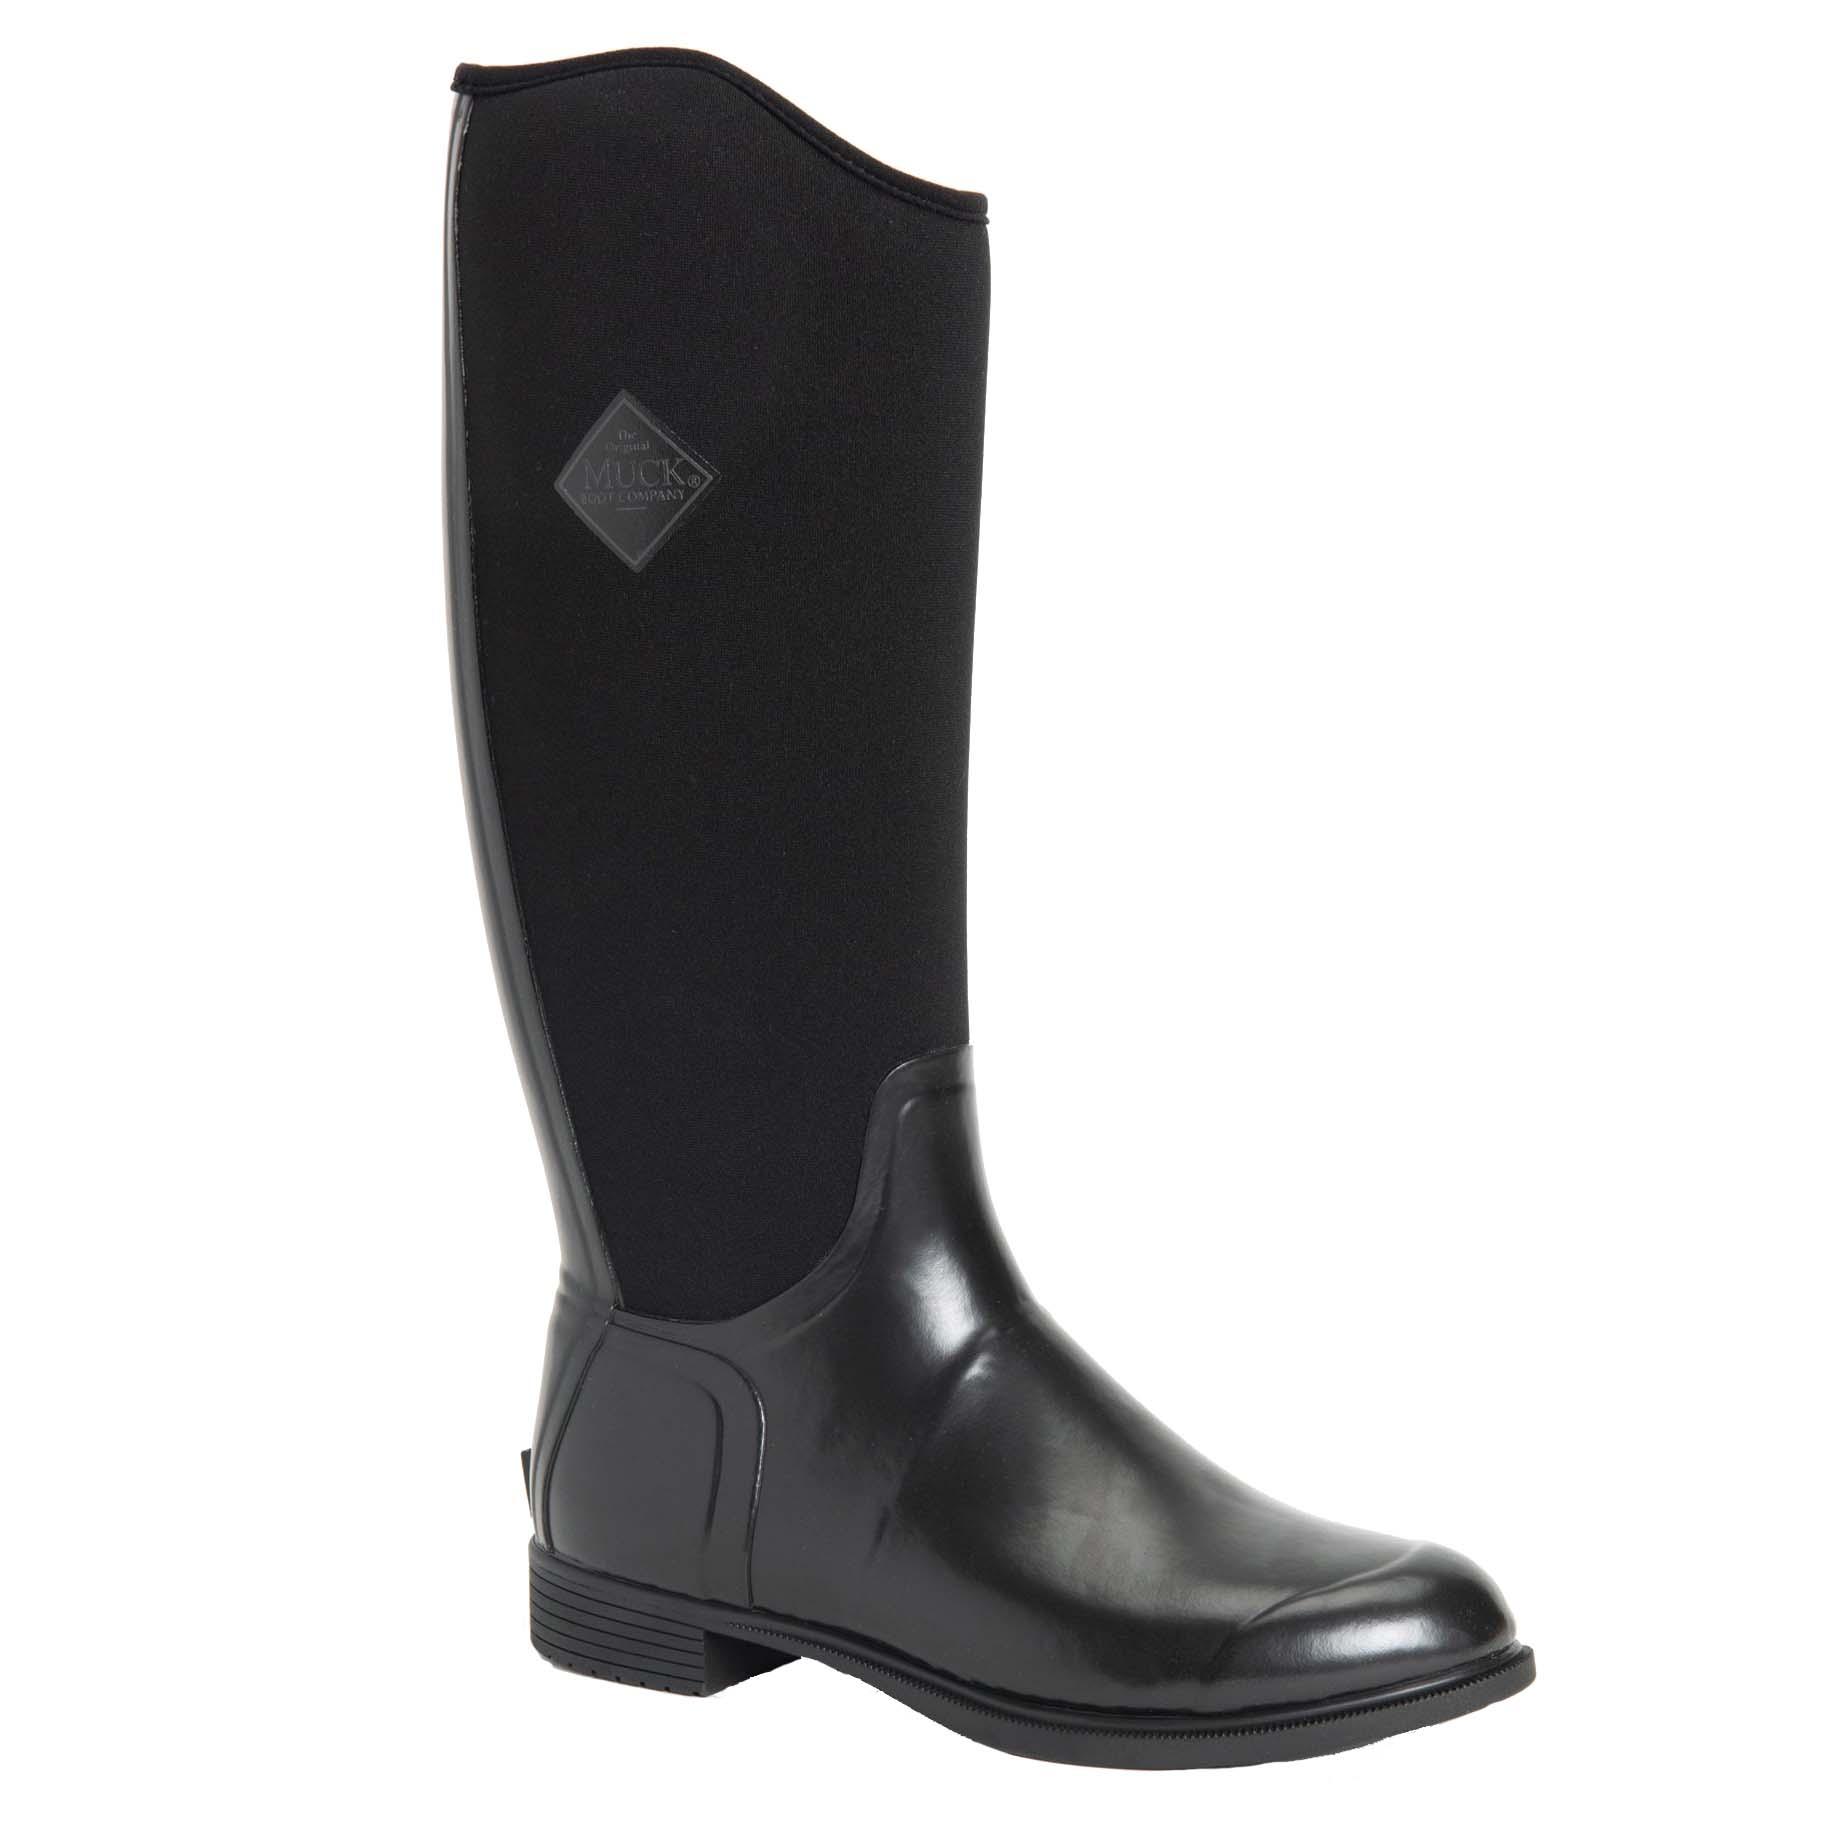 Muck Boots Derby Tall zwart maat:6,5